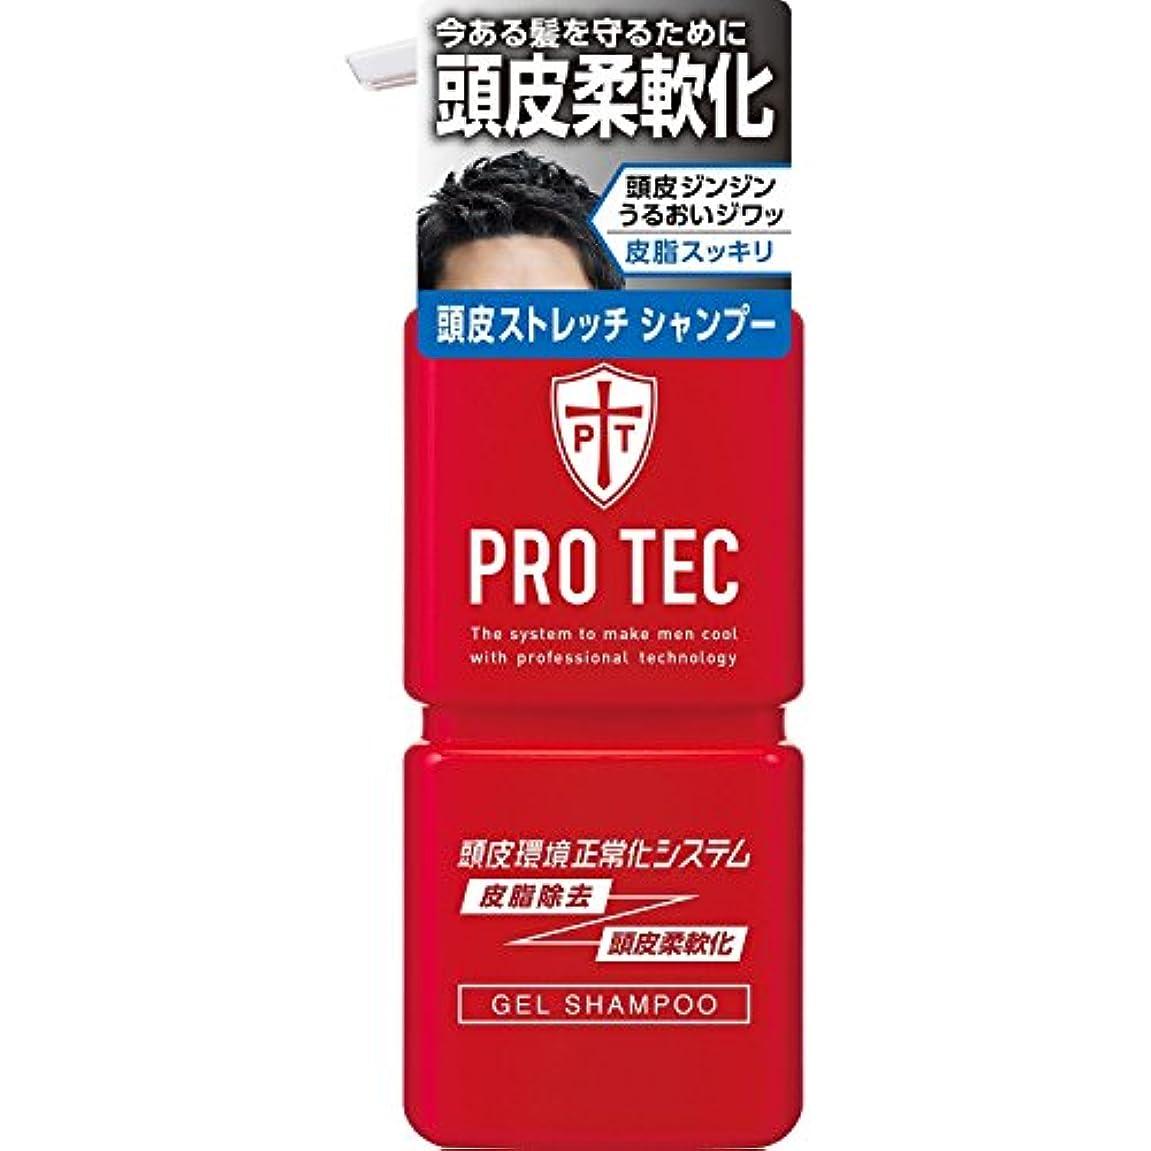 データベース味付けスーパーPRO TEC(プロテク) 頭皮ストレッチ シャンプー 本体ポンプ 300g(医薬部外品)